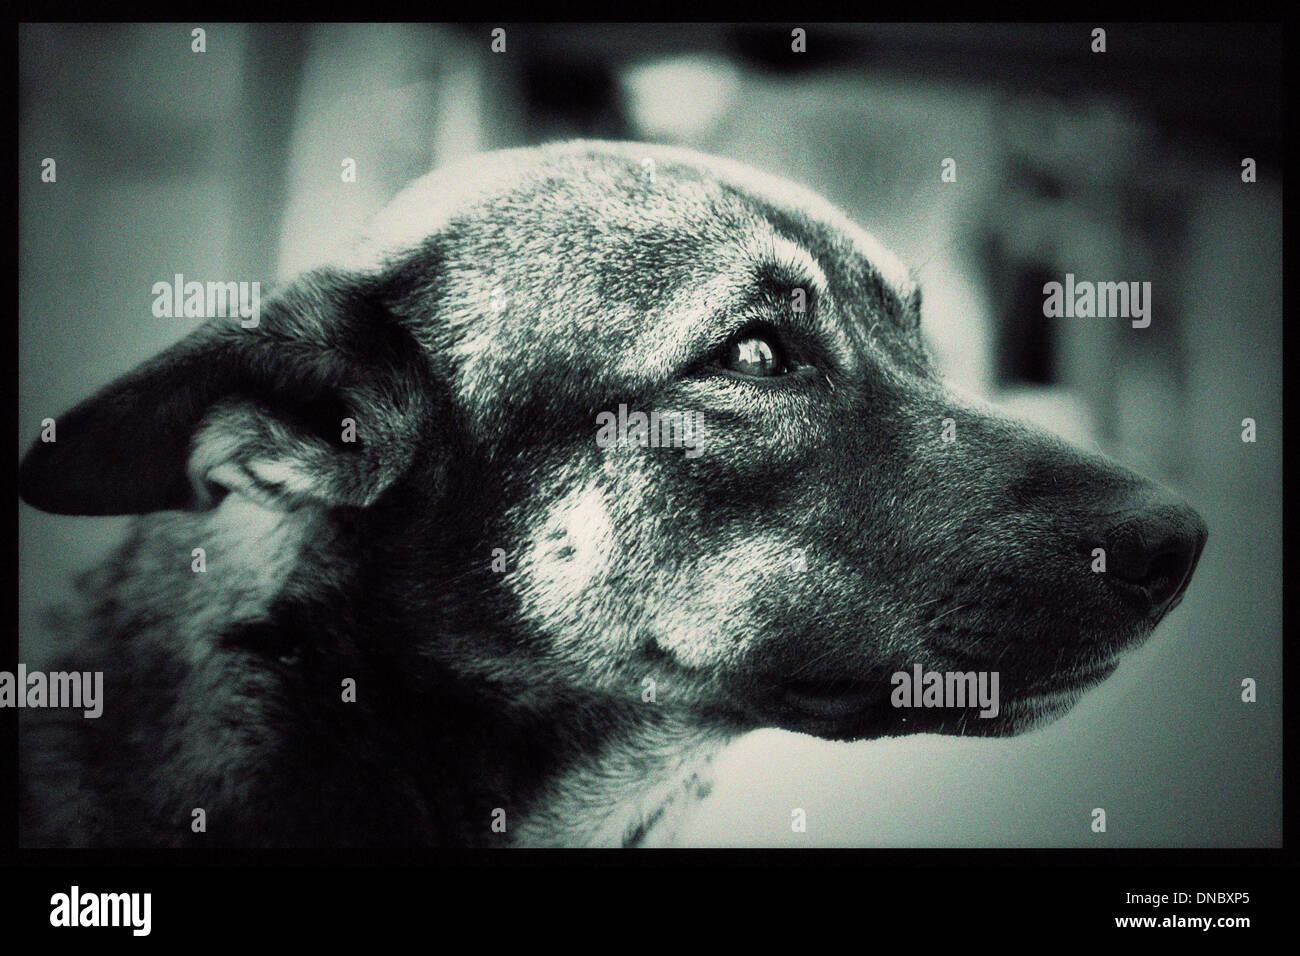 Dog Animal stare mirar ojos B/W blanco y negro nariz, orejas de ratón vertical Imagen De Stock